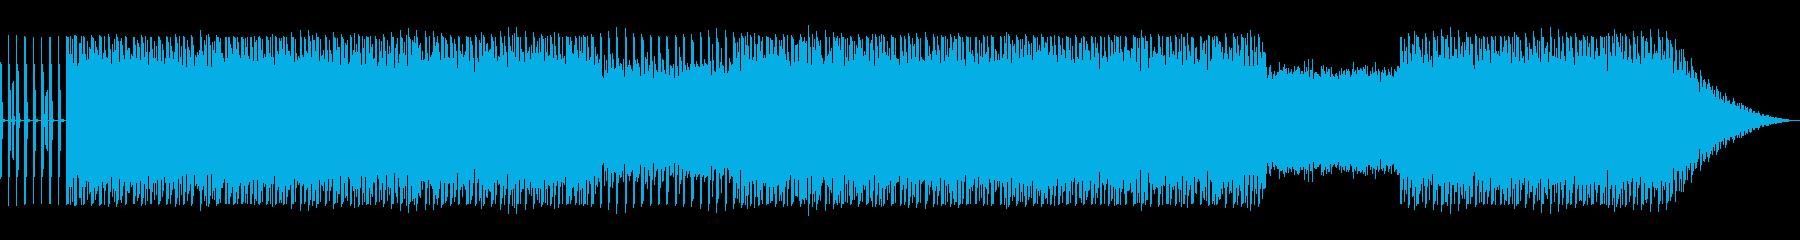 落ち着いた雰囲気のエレクトロニカの再生済みの波形